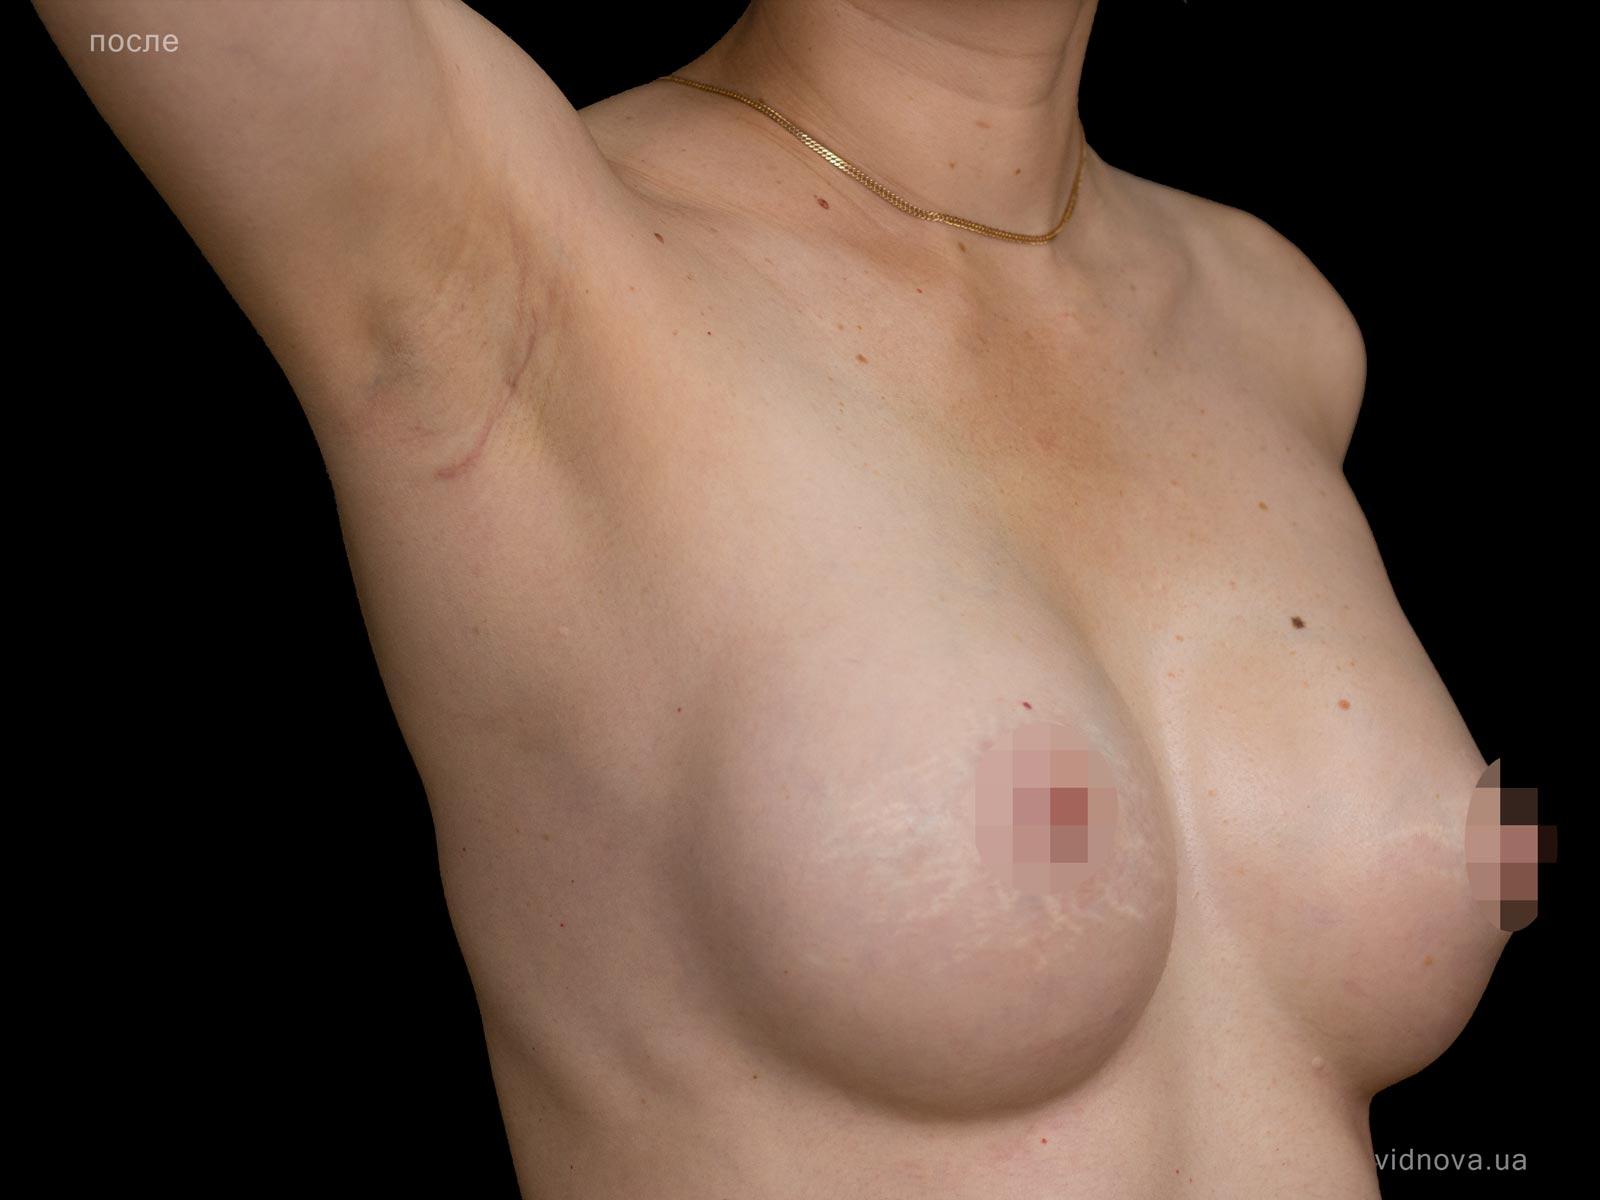 Пластика груди: результаты до и после - Пример №85-3 - Светлана Работенко